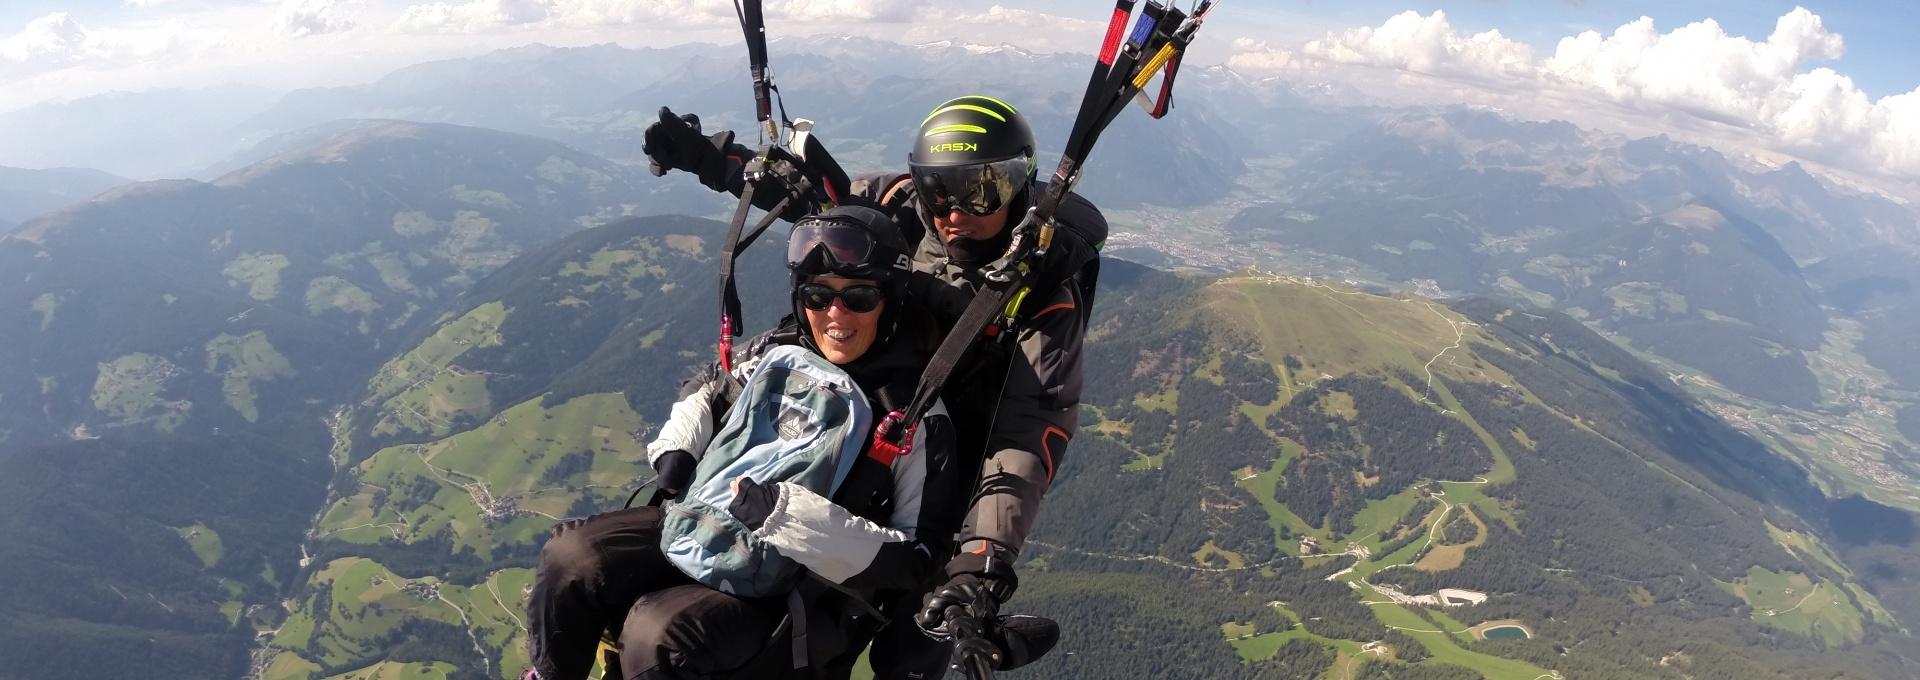 Paragliding Tandem Plan de Corones